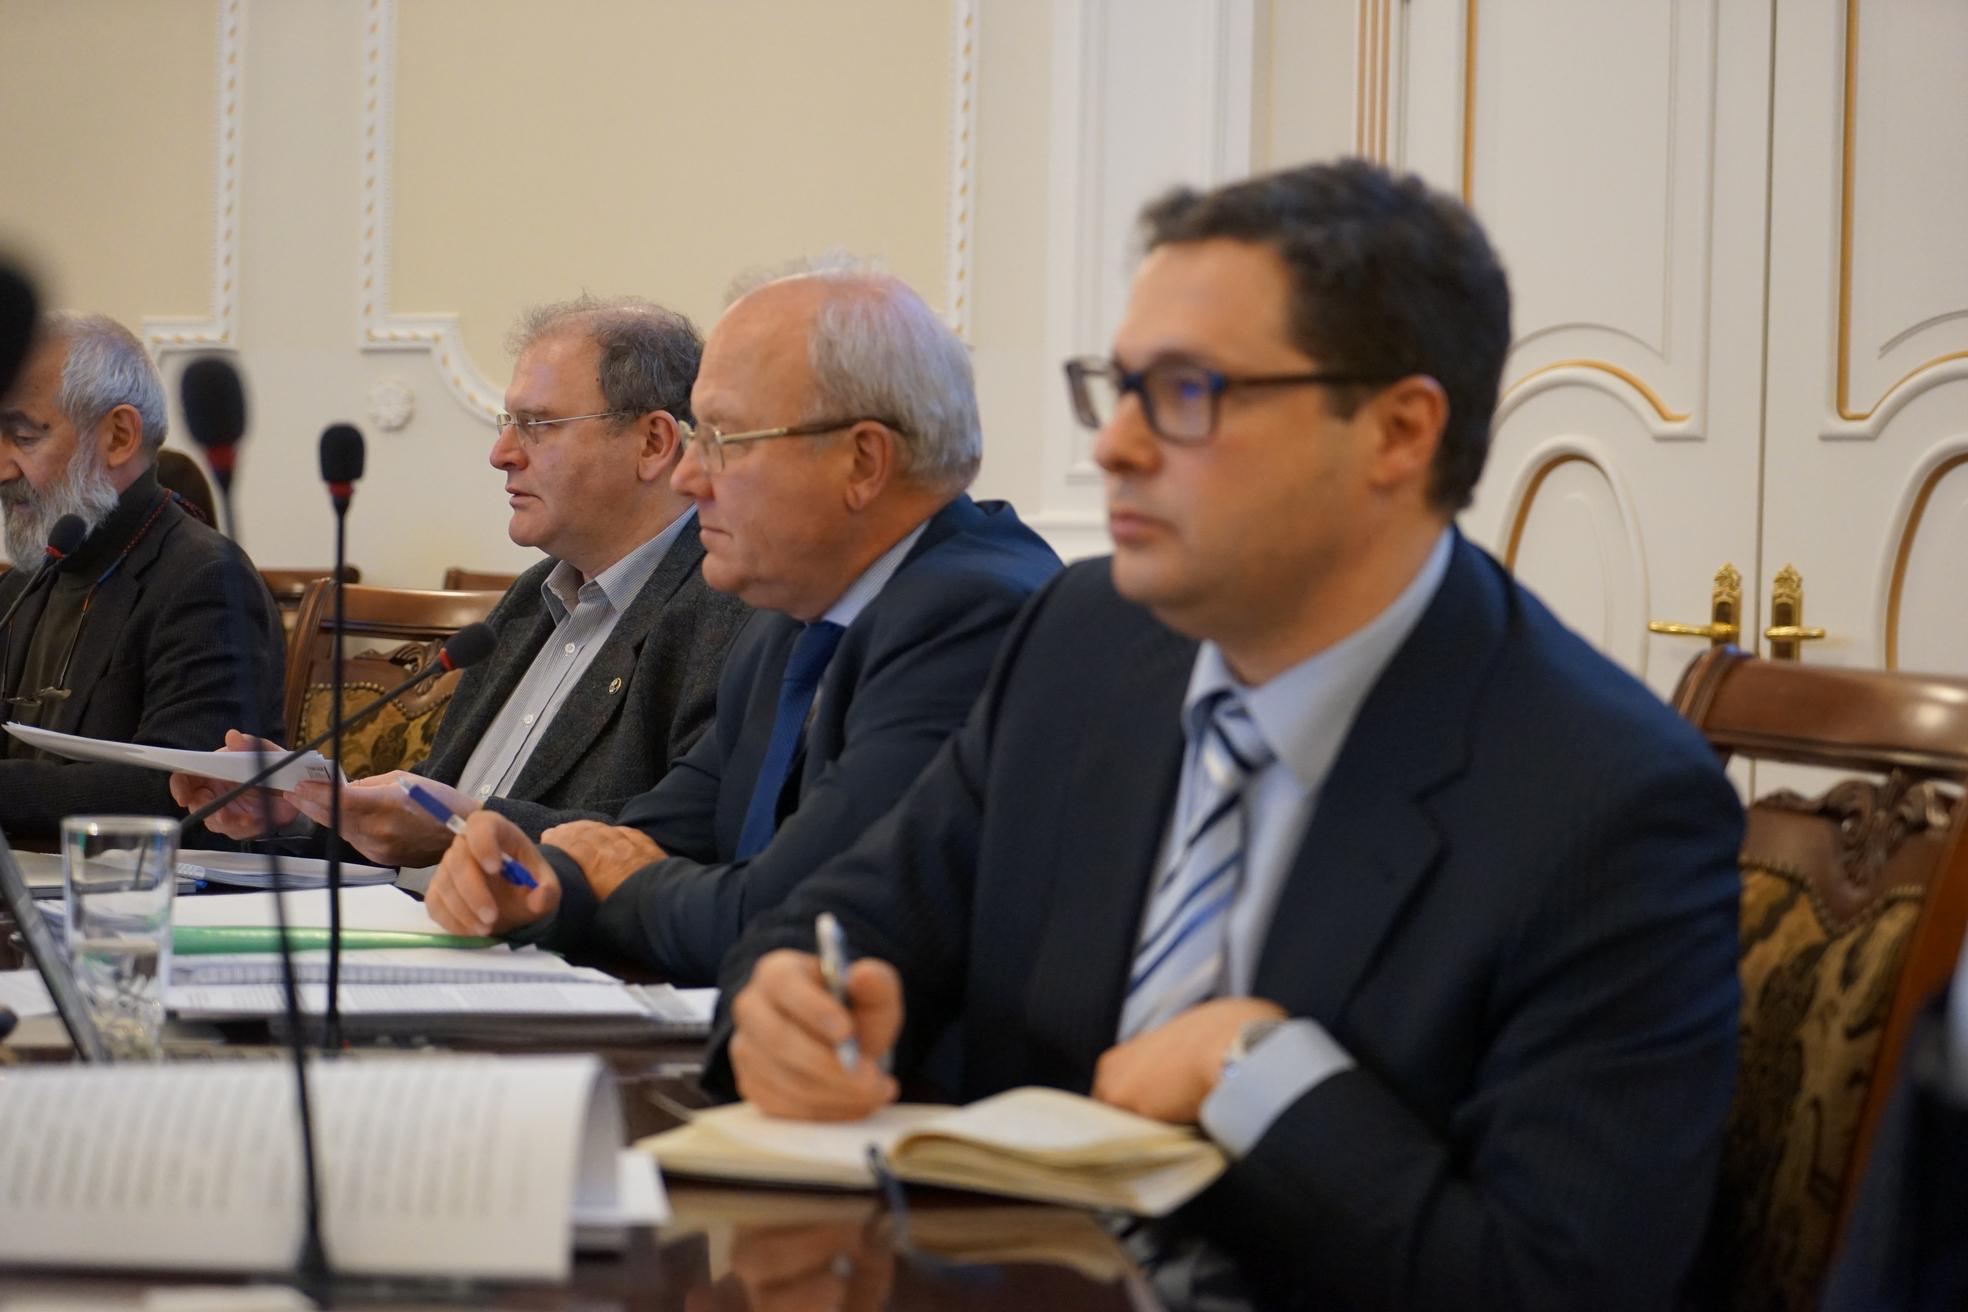 Заседание Совета по науке 1 февраля 2018 года. Слева направо: Андрей Цатурян, Аскольд Иванчик, Алексей Хохлов, Юрий Ковалев. Фото Н. Деминой